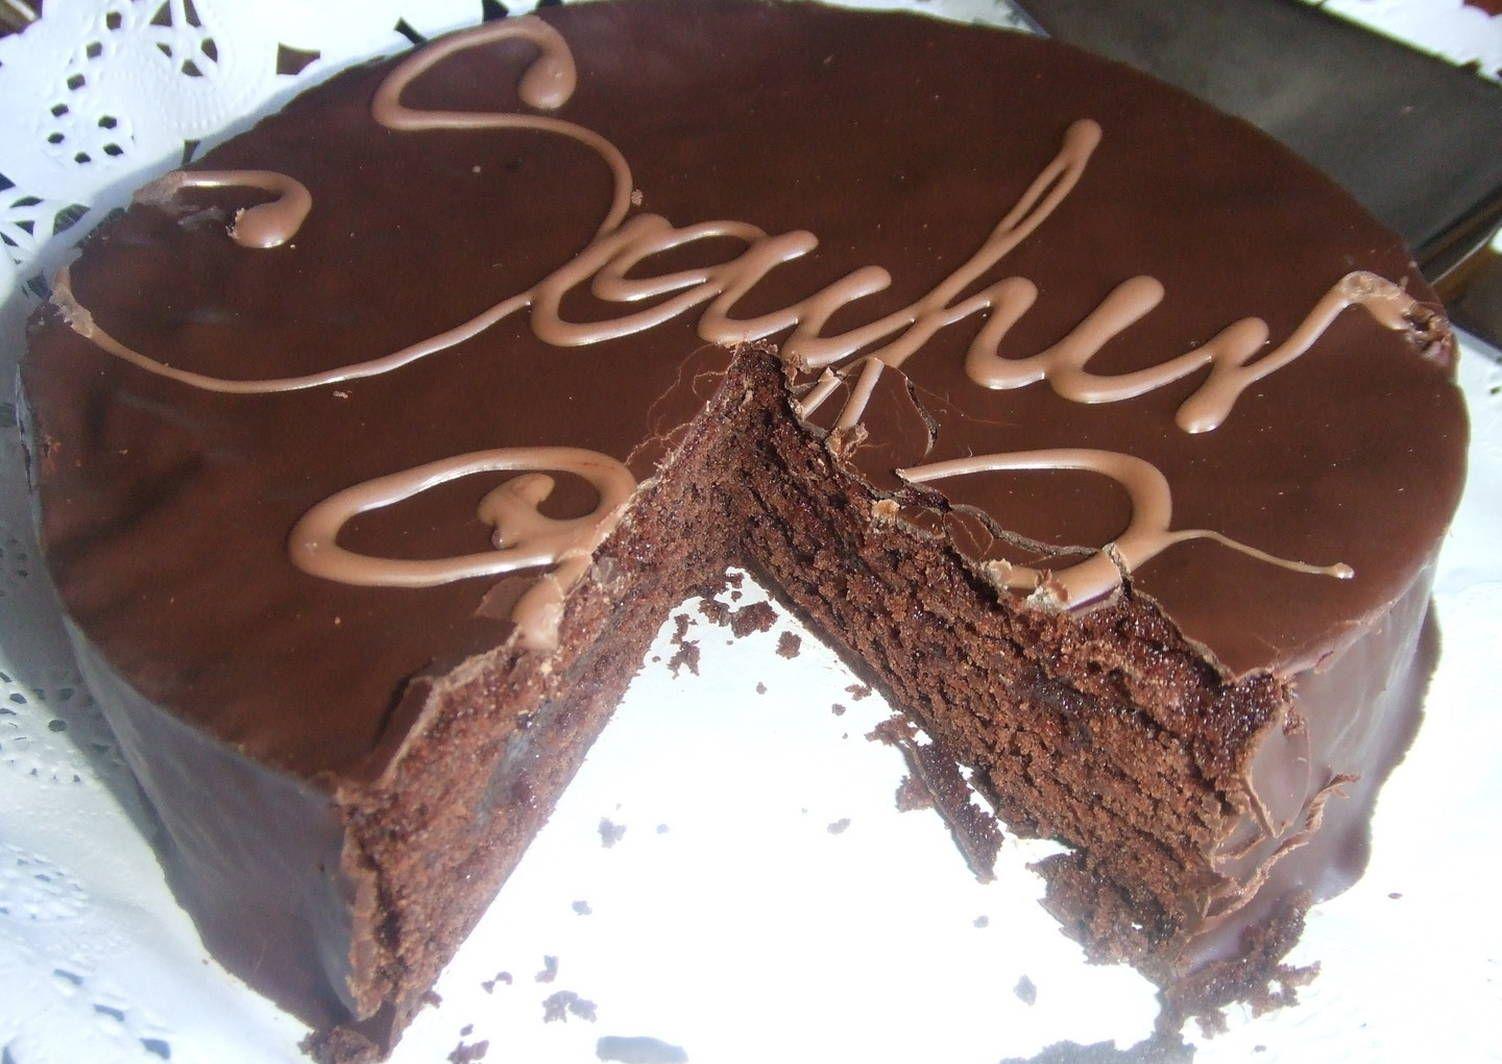 Sacher Torte Austríaca Receta De Cuqui Bastida Receta En 2020 Postres De Chocolate Recetas De Comida Comida Deliciosa